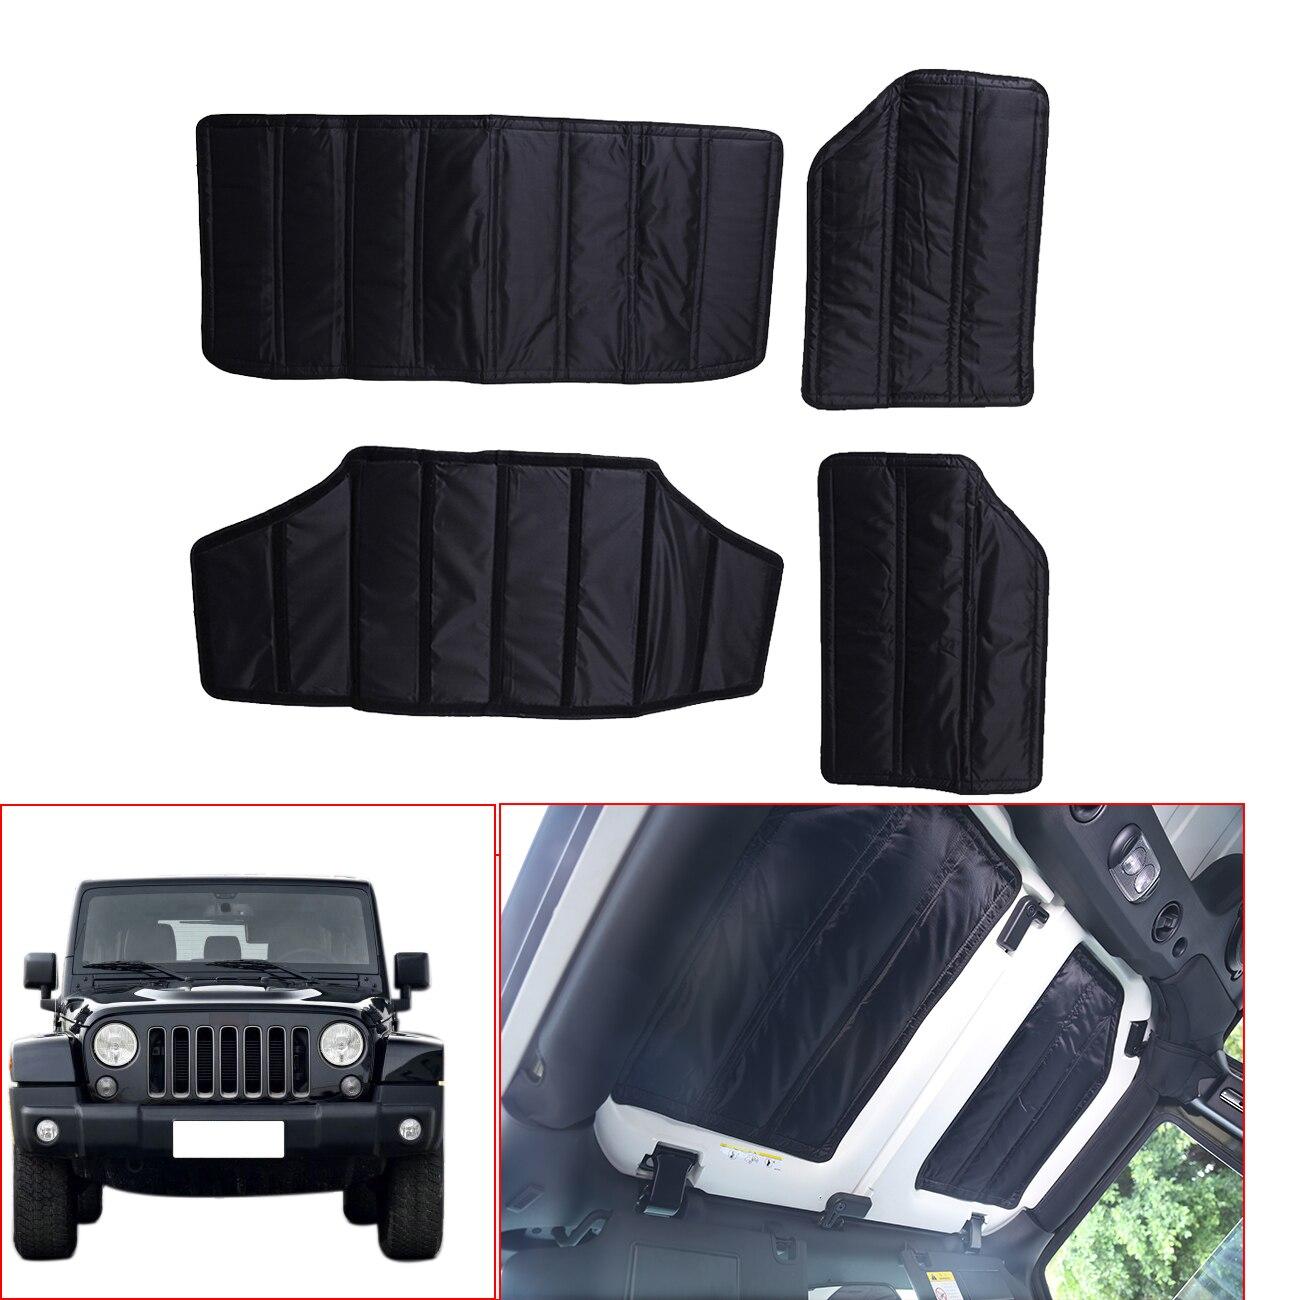 Jeep Wrangler JK headliner 2007-2016 JK 2 door soft top headliner black